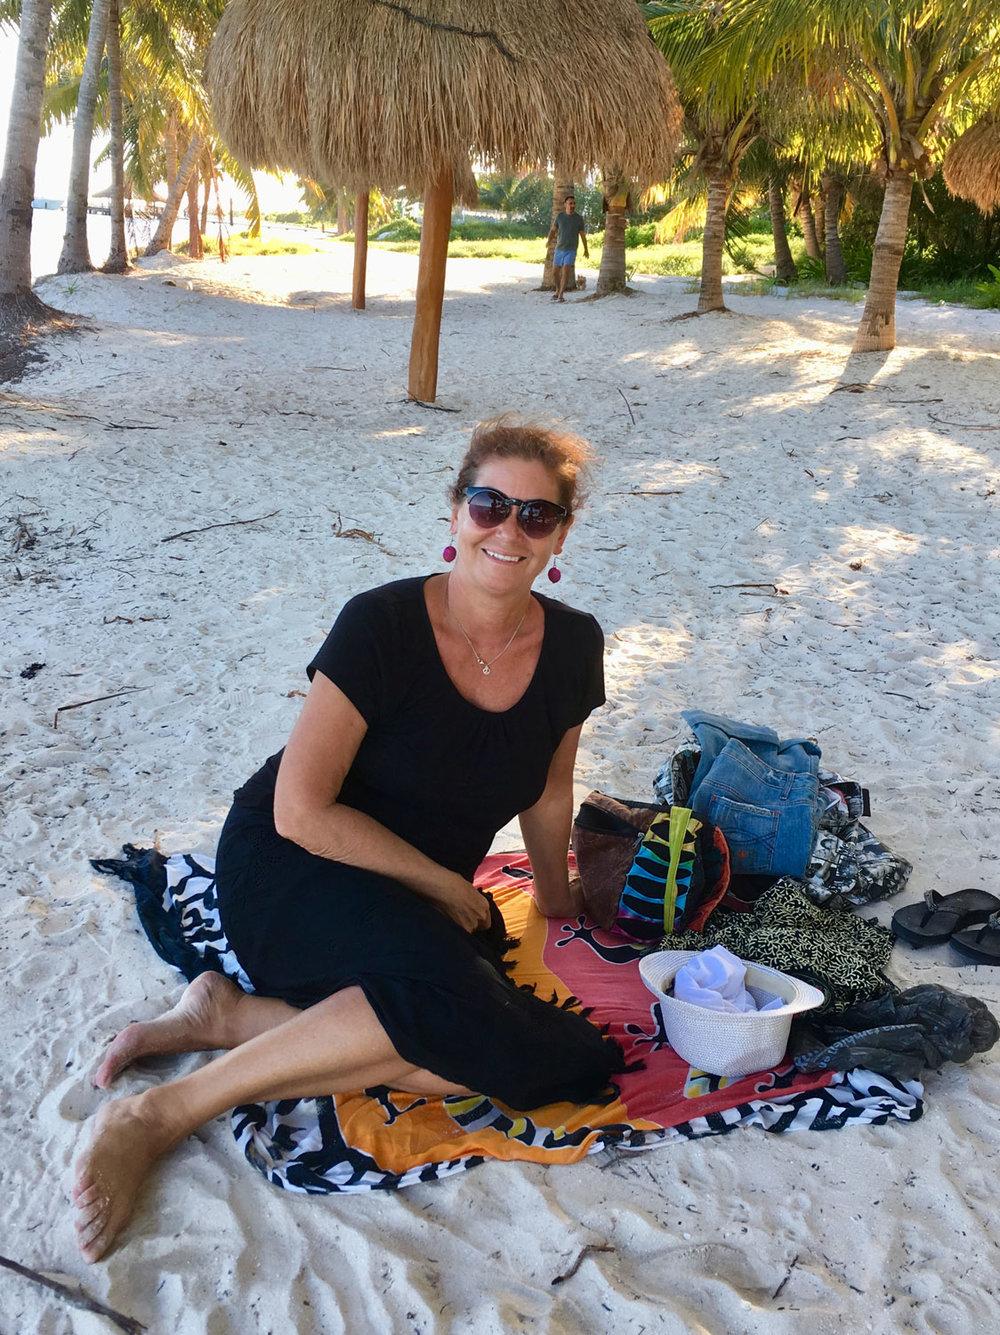 Hammocks_and_Ruins_Things_To_Do_Cancun_Explore_Riviera_Maya_Mexico_Cancun_Beaches_Coral_El_Mirador_II_24.jpg